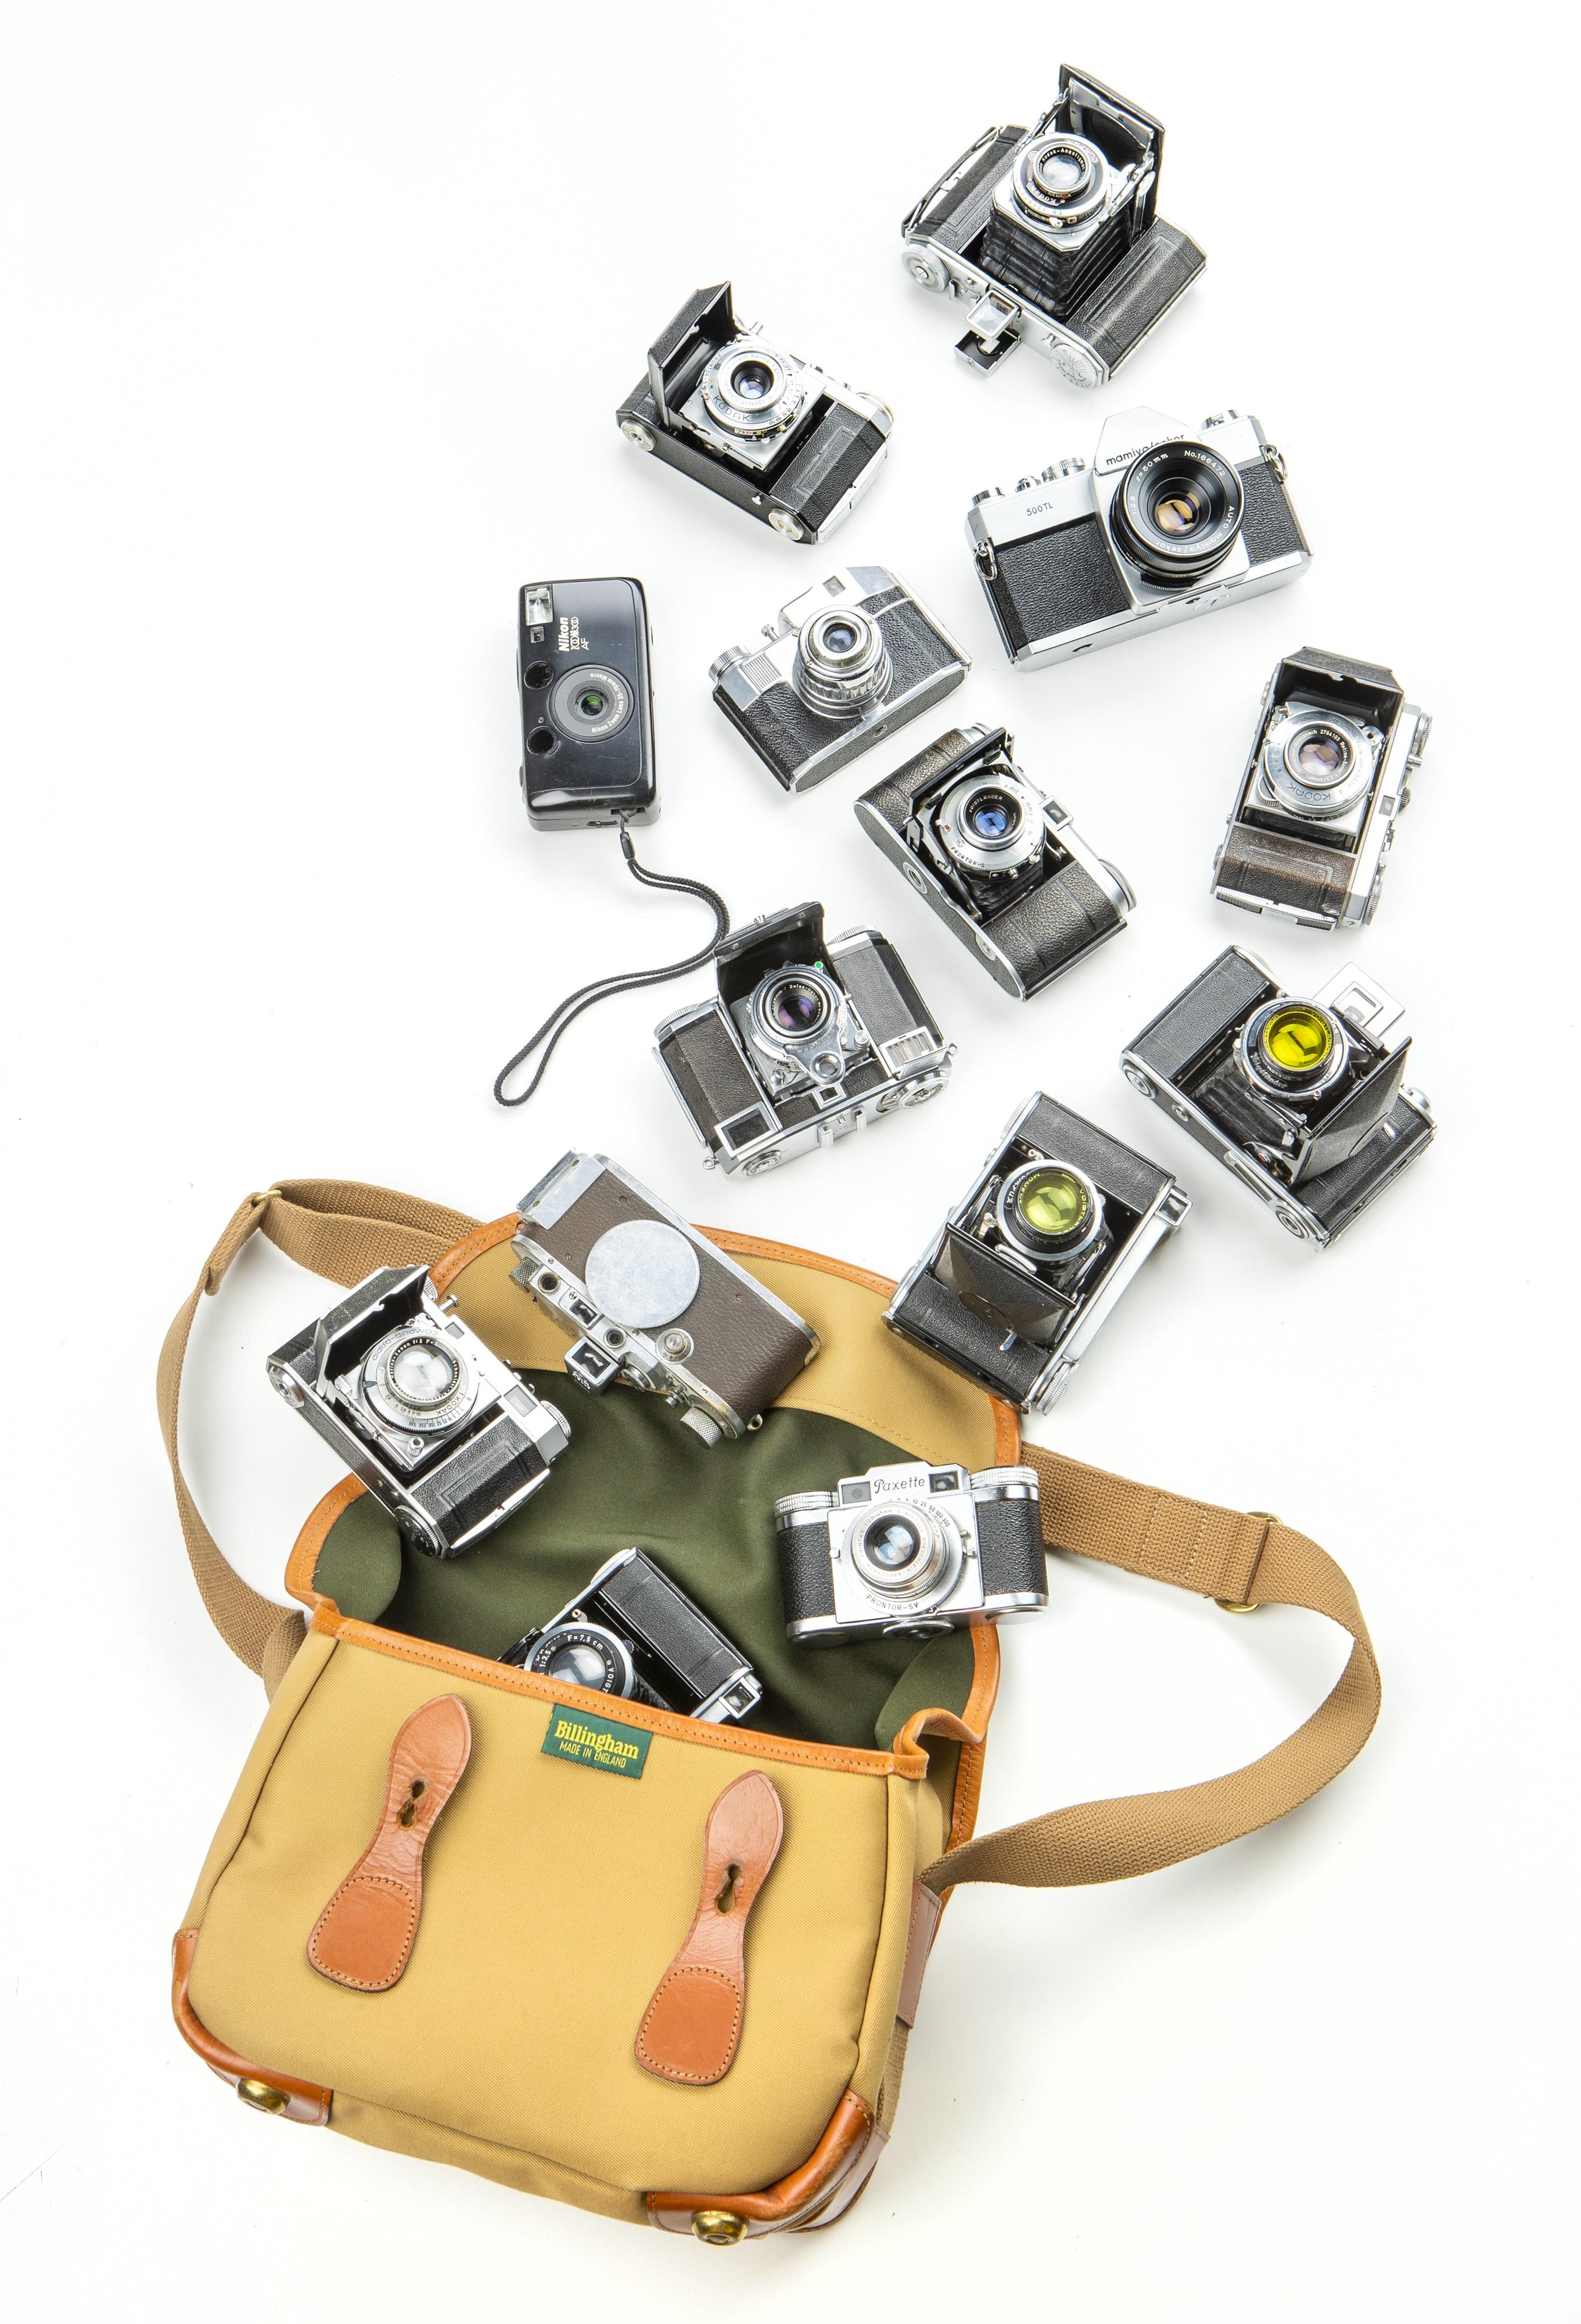 Cameras, Scientific & Collectables